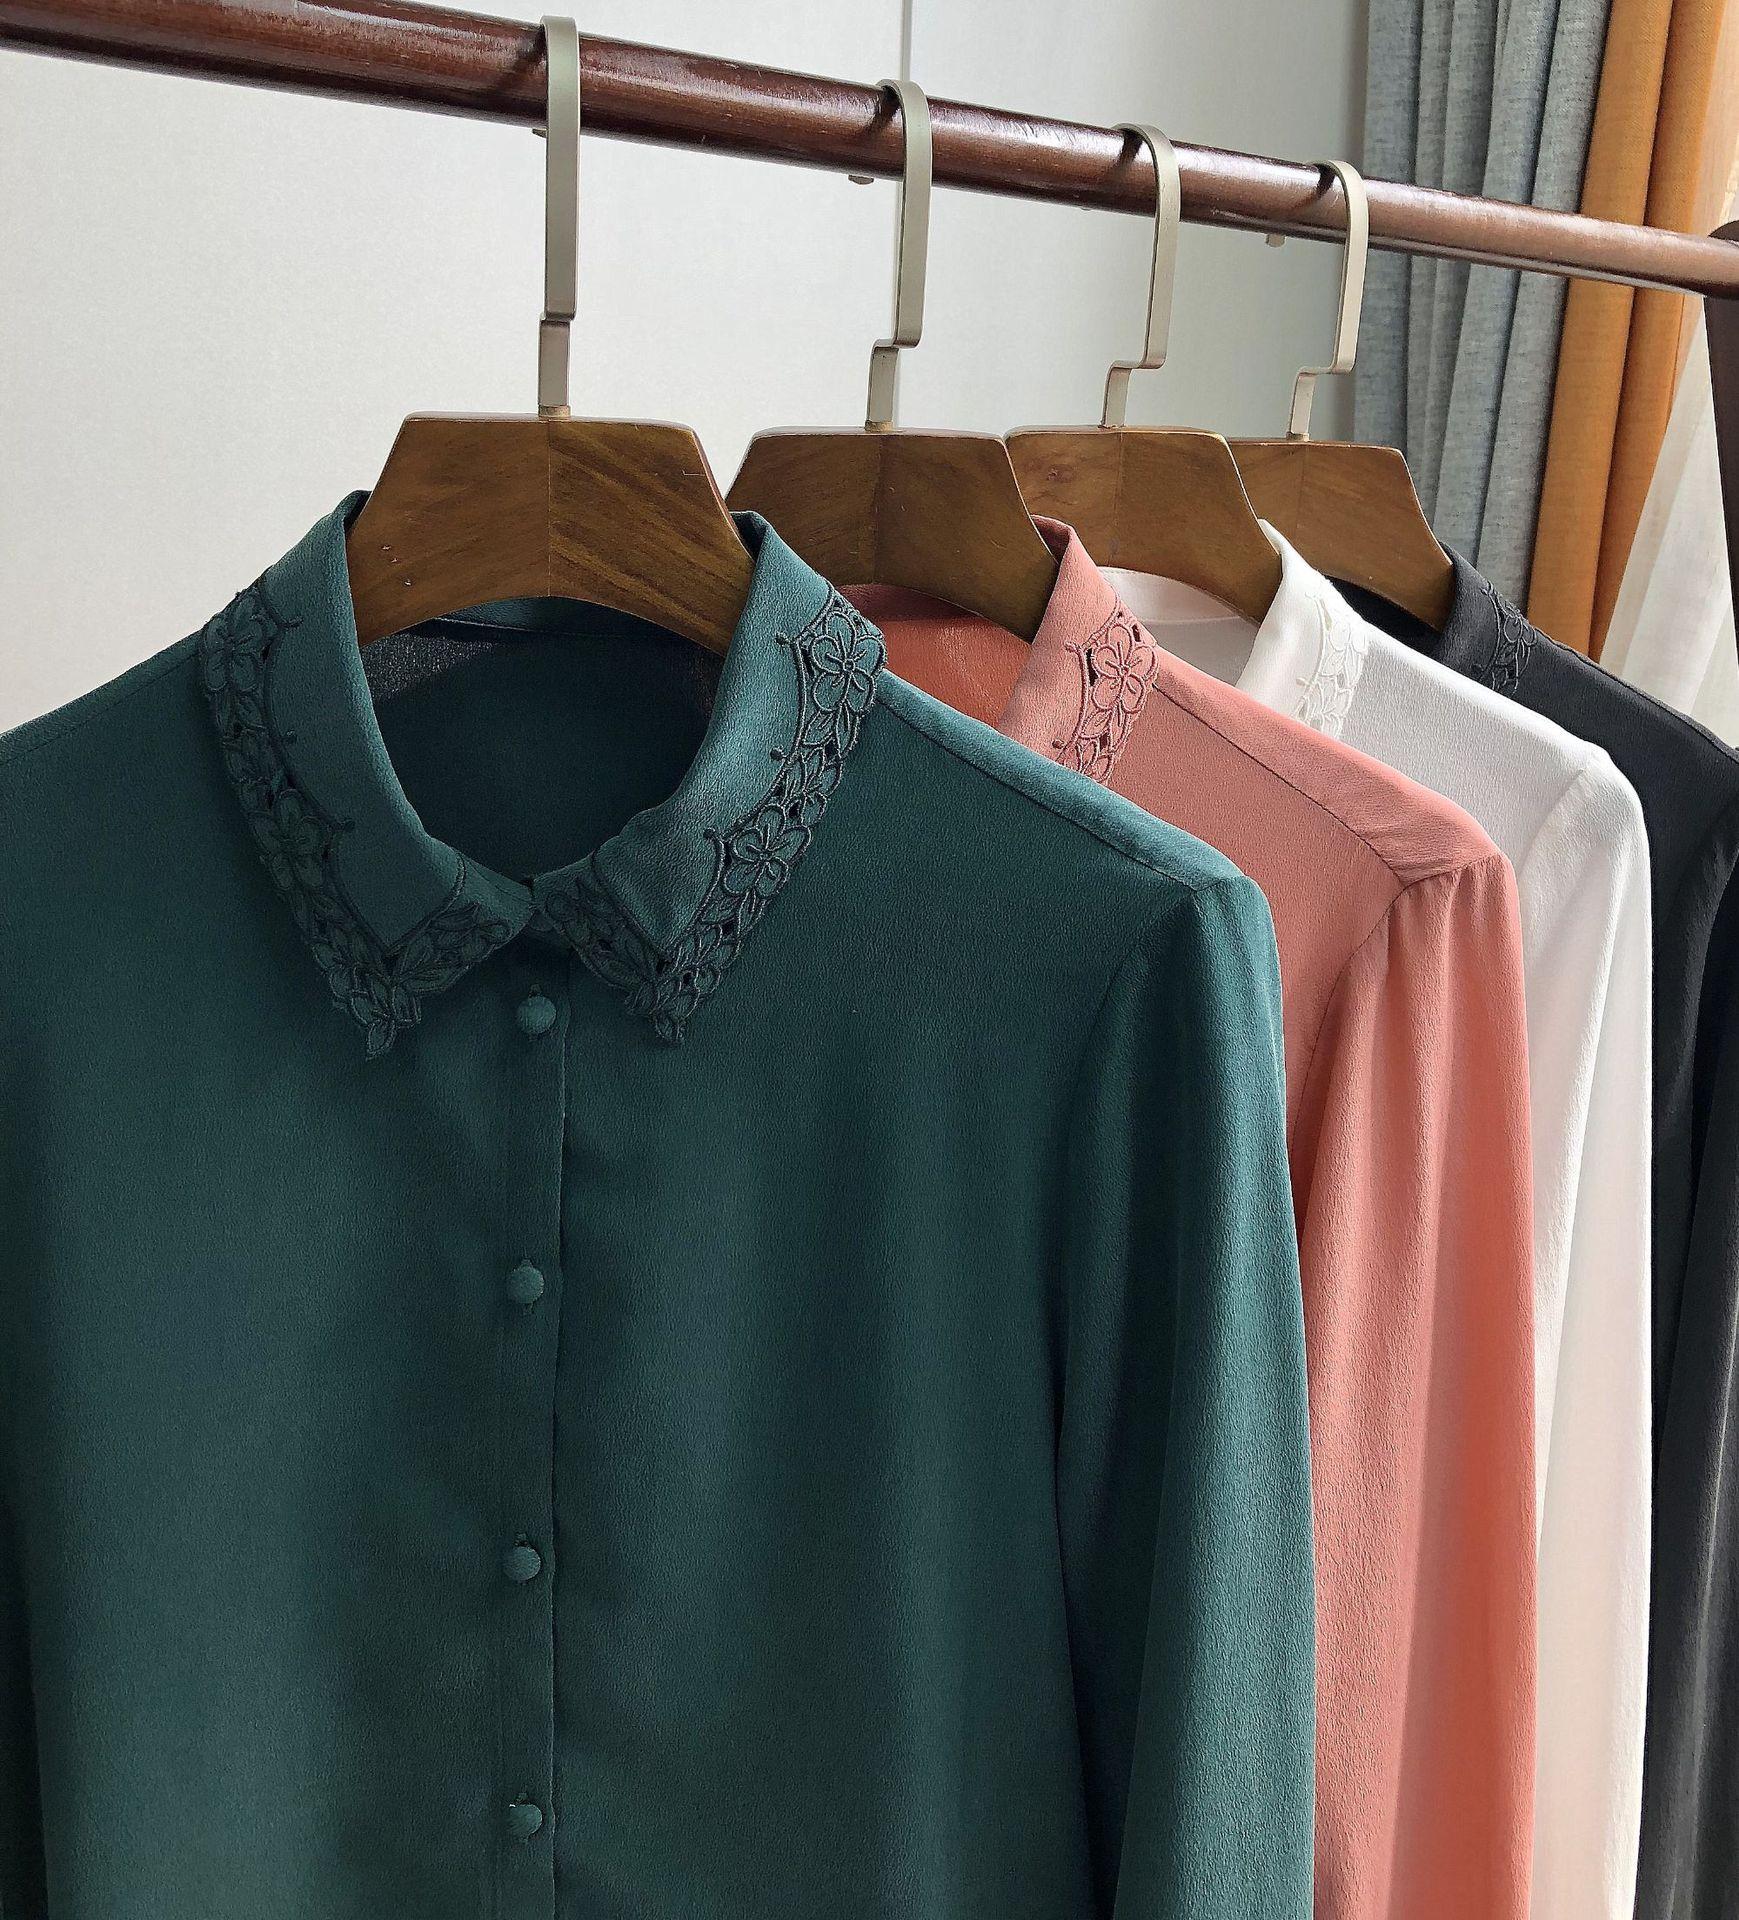 여성 셔츠 2019 이른 봄 복고풍 우아한 섬세한 수 놓은 openwork 자수 실크 긴팔 셔츠-에서블라우스 & 셔츠부터 여성 의류 의  그룹 2